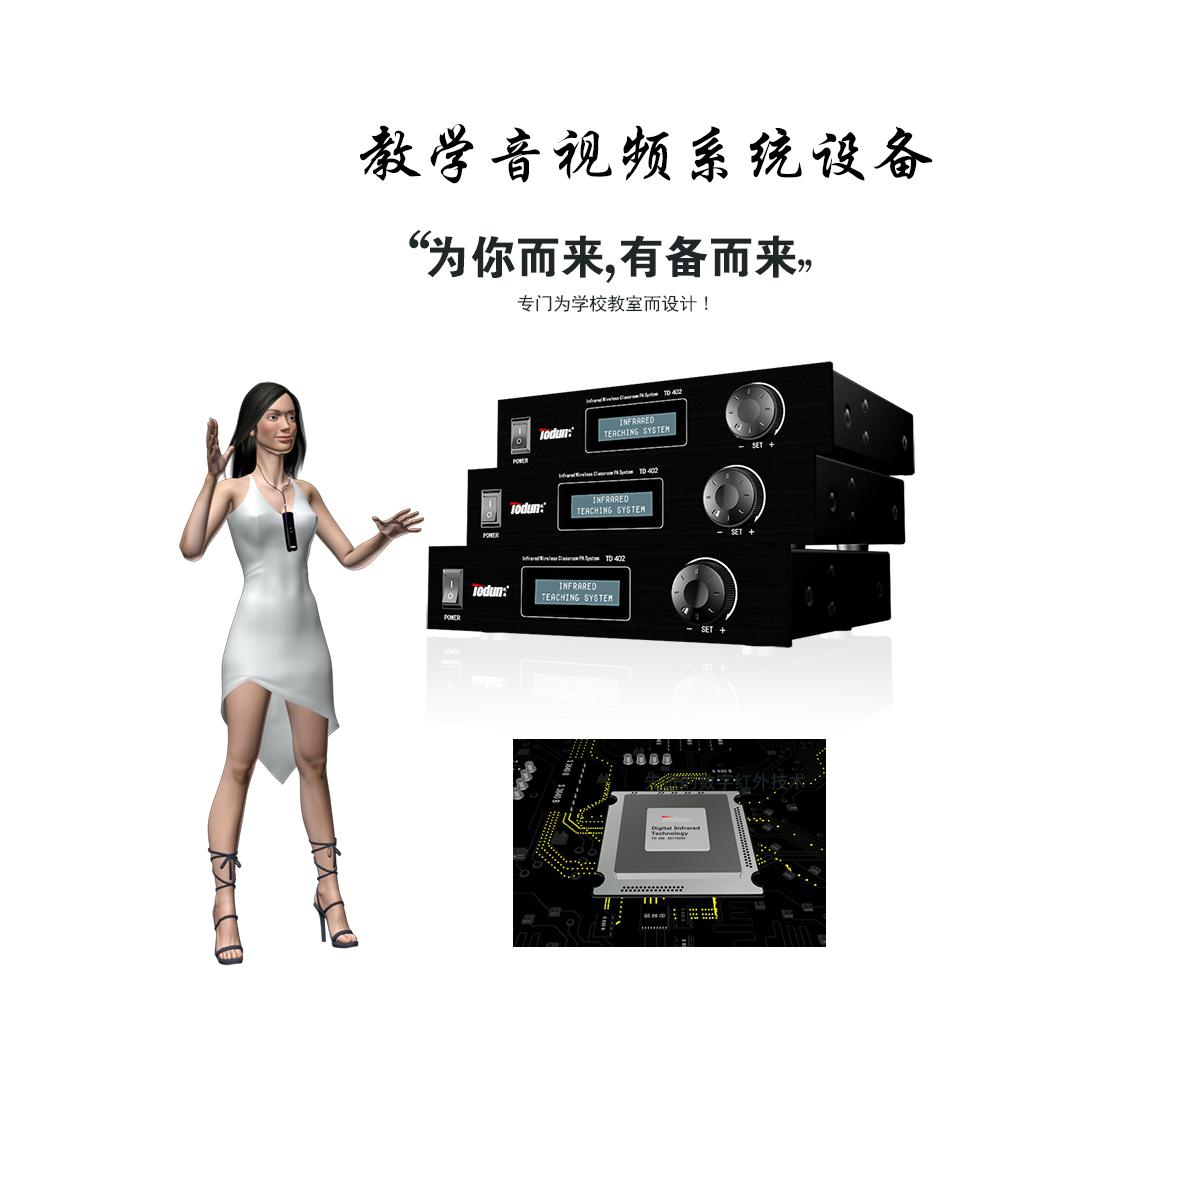 托顿教学系统 TD402 英文版 产品宣传片